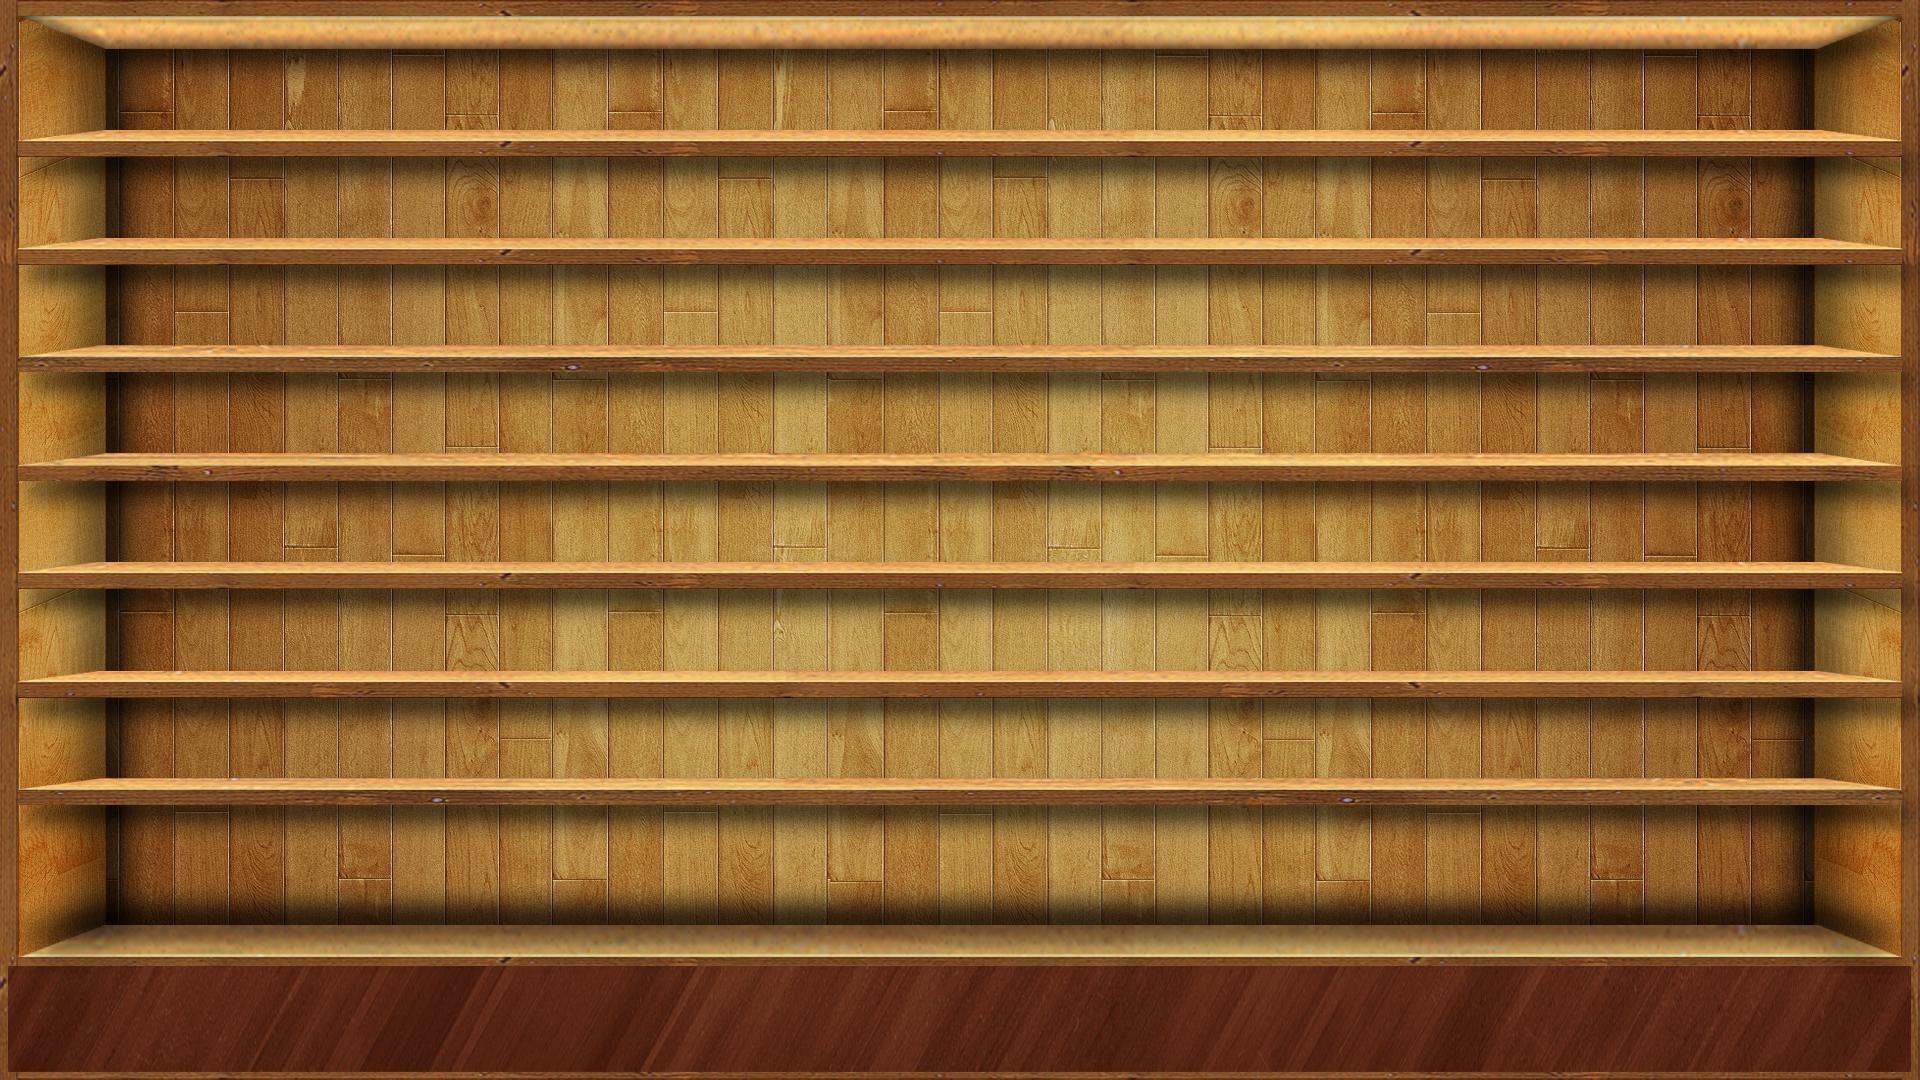 Wood Shelves HD Wallpaper #1456 Wallpaper computer | best website .